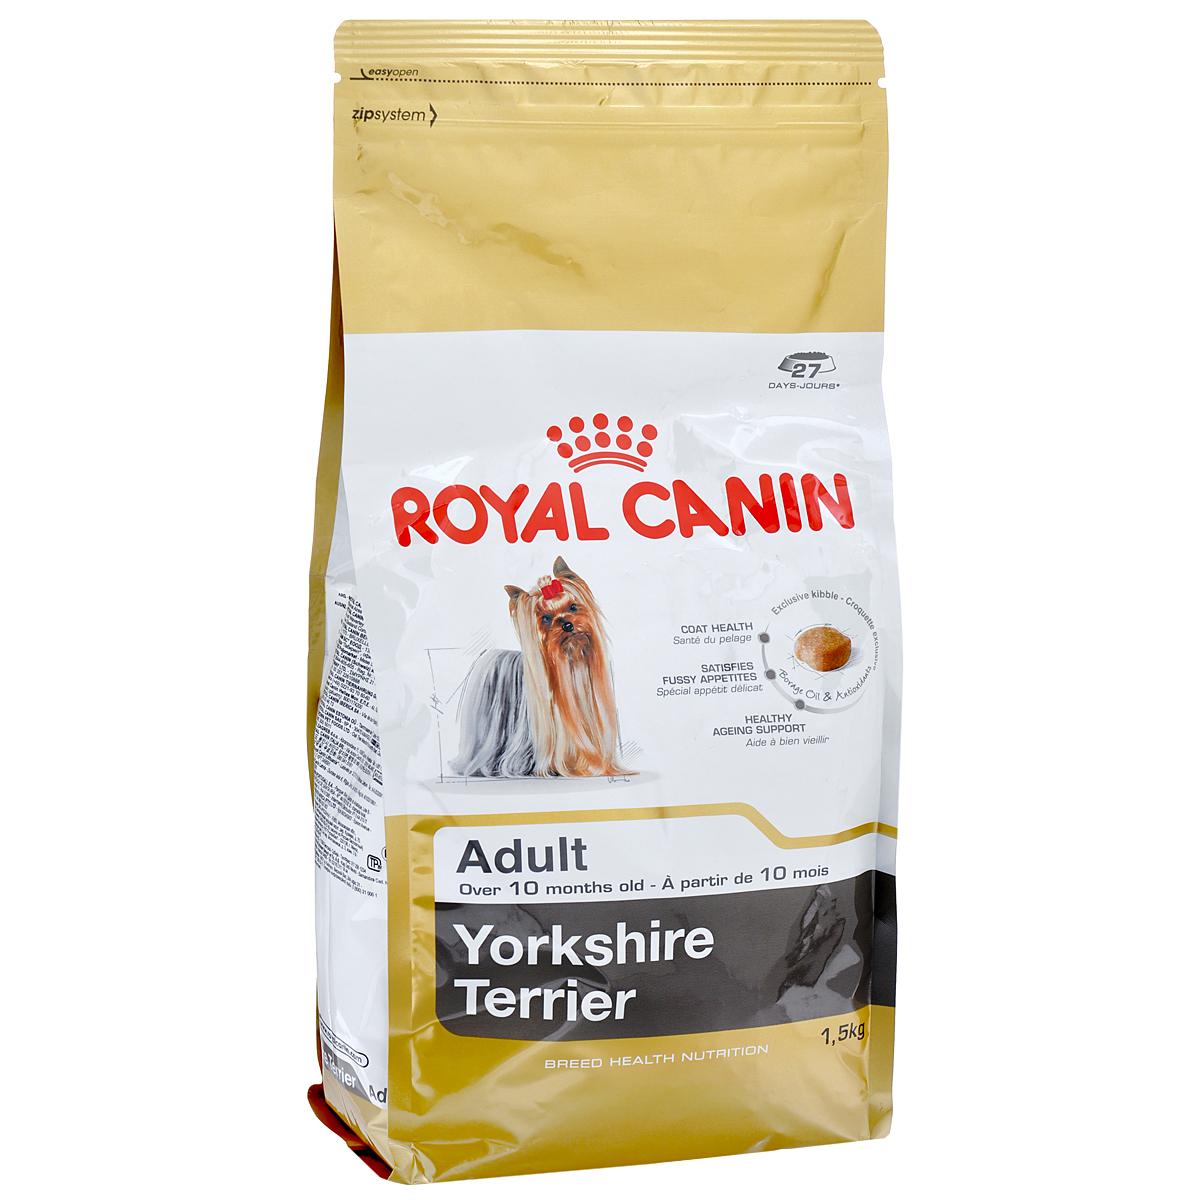 Корм сухой Royal Canin Yorkshire Terrier Adult, для собак породы йоркширский терьер в возрасте от 10 месяцев, 1,5 кг6857Корм сухой Royal Canin Yorkshire Terrier Adult - полнорационный корм для собак породы йоркширский терьер в возрасте от 10 месяцев.Йоркширский терьер — это сказочное создание, которое очаровывает с первой минуты знакомства с ним. Тоненькие, хрупкие и изящные йорки в силу своей физиологии нуждаются в максимальном поступлении в организм аминокислот, необходимых для развития шерсти и ее быстрого роста. Многие корма для йорков имеют крокеты слишком крупного размера, тогда как продукция Royal Canin Yorkshire Terrier Adult разработана специально для небольших челюстей этих собак. Здоровая шерсть.Эта эксклюзивная формула поддерживает здоровье и красоту шерсти йоркширского терьера. Корм обогащен жирными кислотами Омега-3 (EPA и DHA) и Омега-6, маслом бурачника и биотином. Вкусовая привлекательность.Благодаря высокой вкусовой привлекательности корм способен удовлетворить потребностидаже самых привередливых питомцев. Долголетие.Особый комплекс с питательными веществами помогает сохранить здоровье собаки в зрелом возрасте и способствует долголетию.Профилактика образования зубного камня.Благодаря хелаторам кальция и специально подобранной текстуре крокет, которая оказывает чистящее воздействие, корм помогает ограничить образование зубного камня. Состав: дегидратированные белки животного происхождения (птица), рис, кукурузная мука, животные жиры, изолят растительных белков, свекольный жом, гидролизат белков животного происхождения, минеральные вещества, соевое масло, рыбий жир, дрожжи, фруктоолигосахариды, гидролизат дрожжей (источник мaннановых олигосахаридов), масло огуречника аптечного (0,1 %), экстракт бархатцев прямостоячих (источник лютеина).Добавки (в 1 кг): йод — 5,2 мг,селен — 0,28 мг,медь — 15 мг,железо — 166 мг,марганец — 73 мг,цинк — 218 мг,витамин A — 31000 МЕ,витамин D3 — 800 МЕ,витамин E — 600 мг,витамин C — 300 мг,витамин B1 — 27 мг,витамин B2 — 